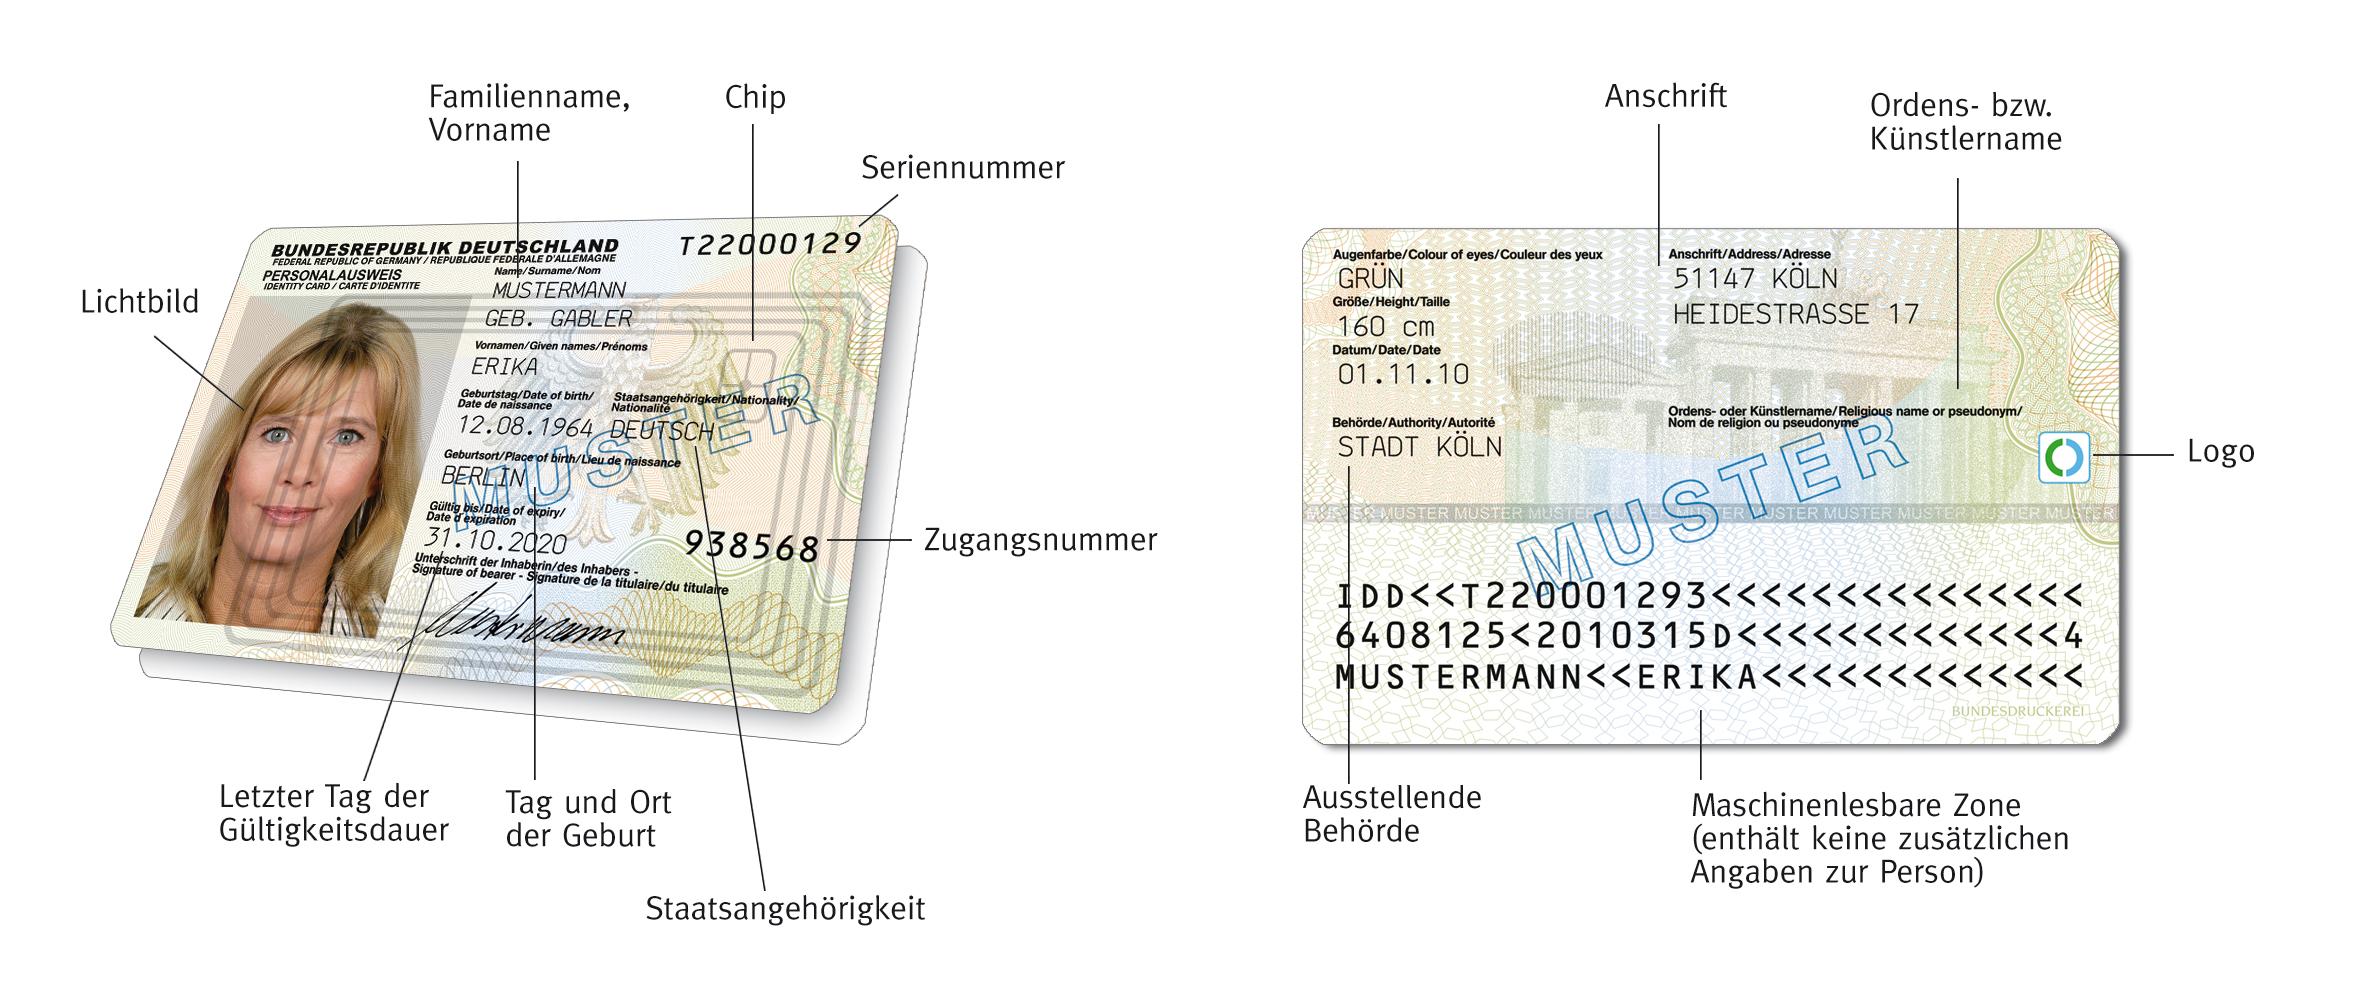 Personalausweis Nummer